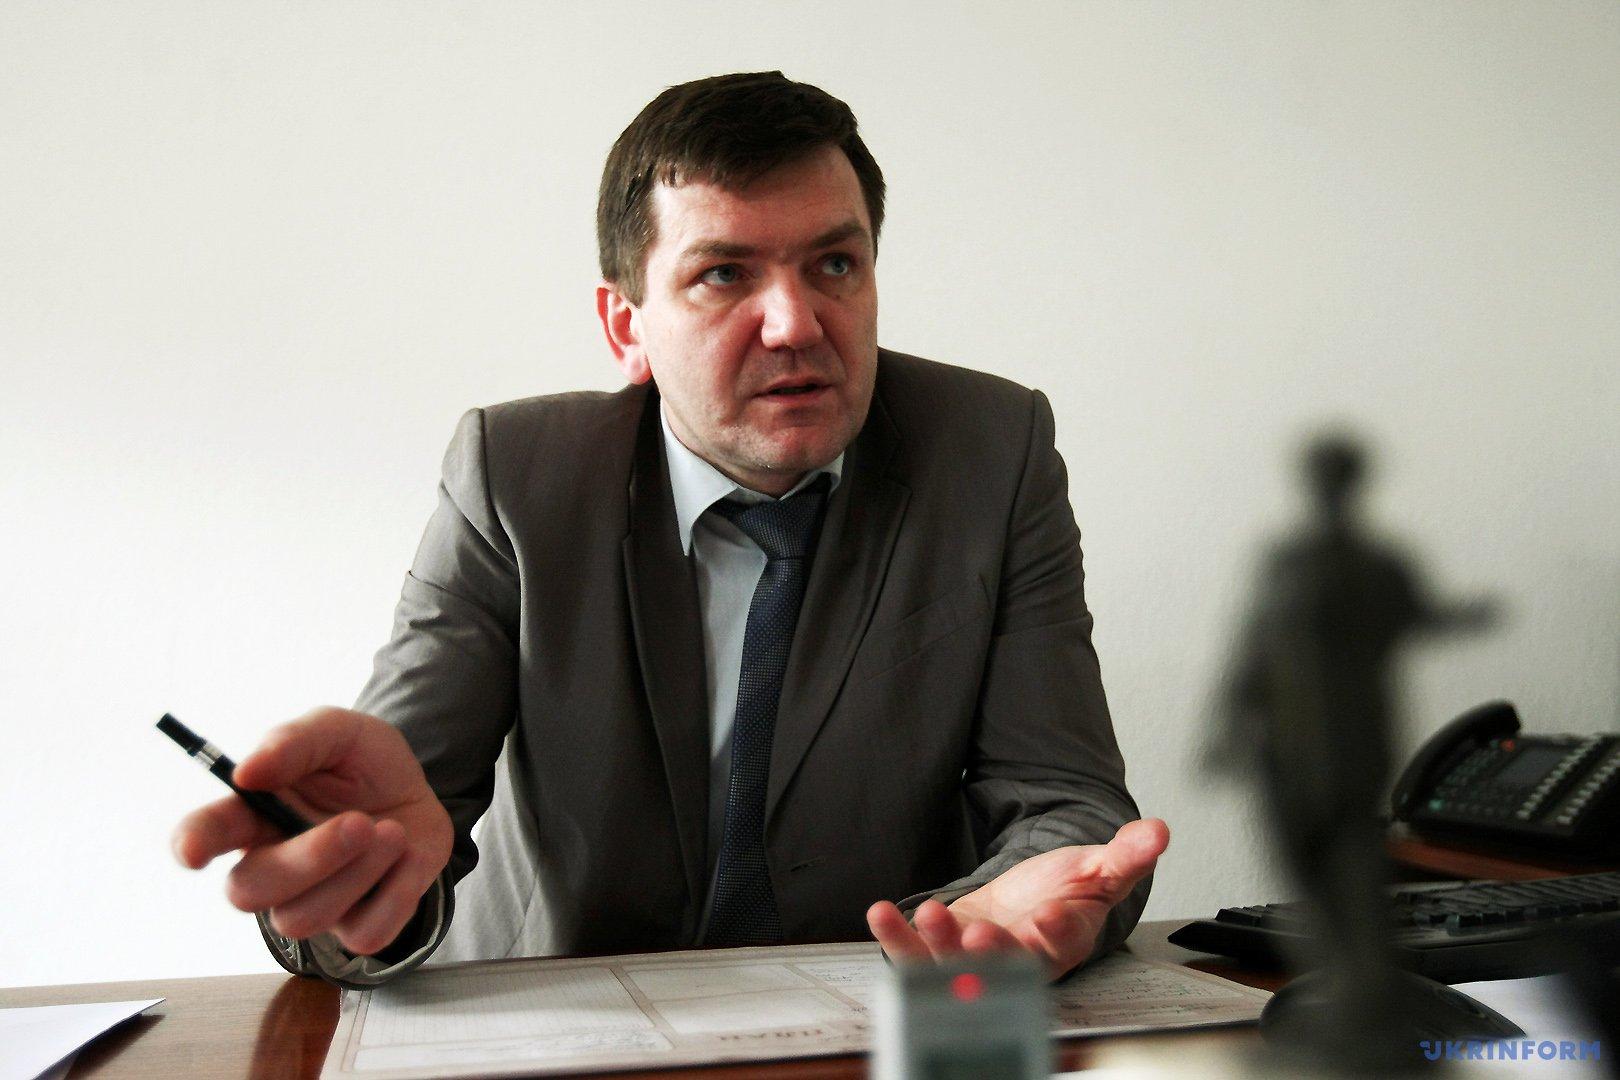 Керівник Департаменту спецрозслідувань Генпрокуратури Сергій Горбатюк